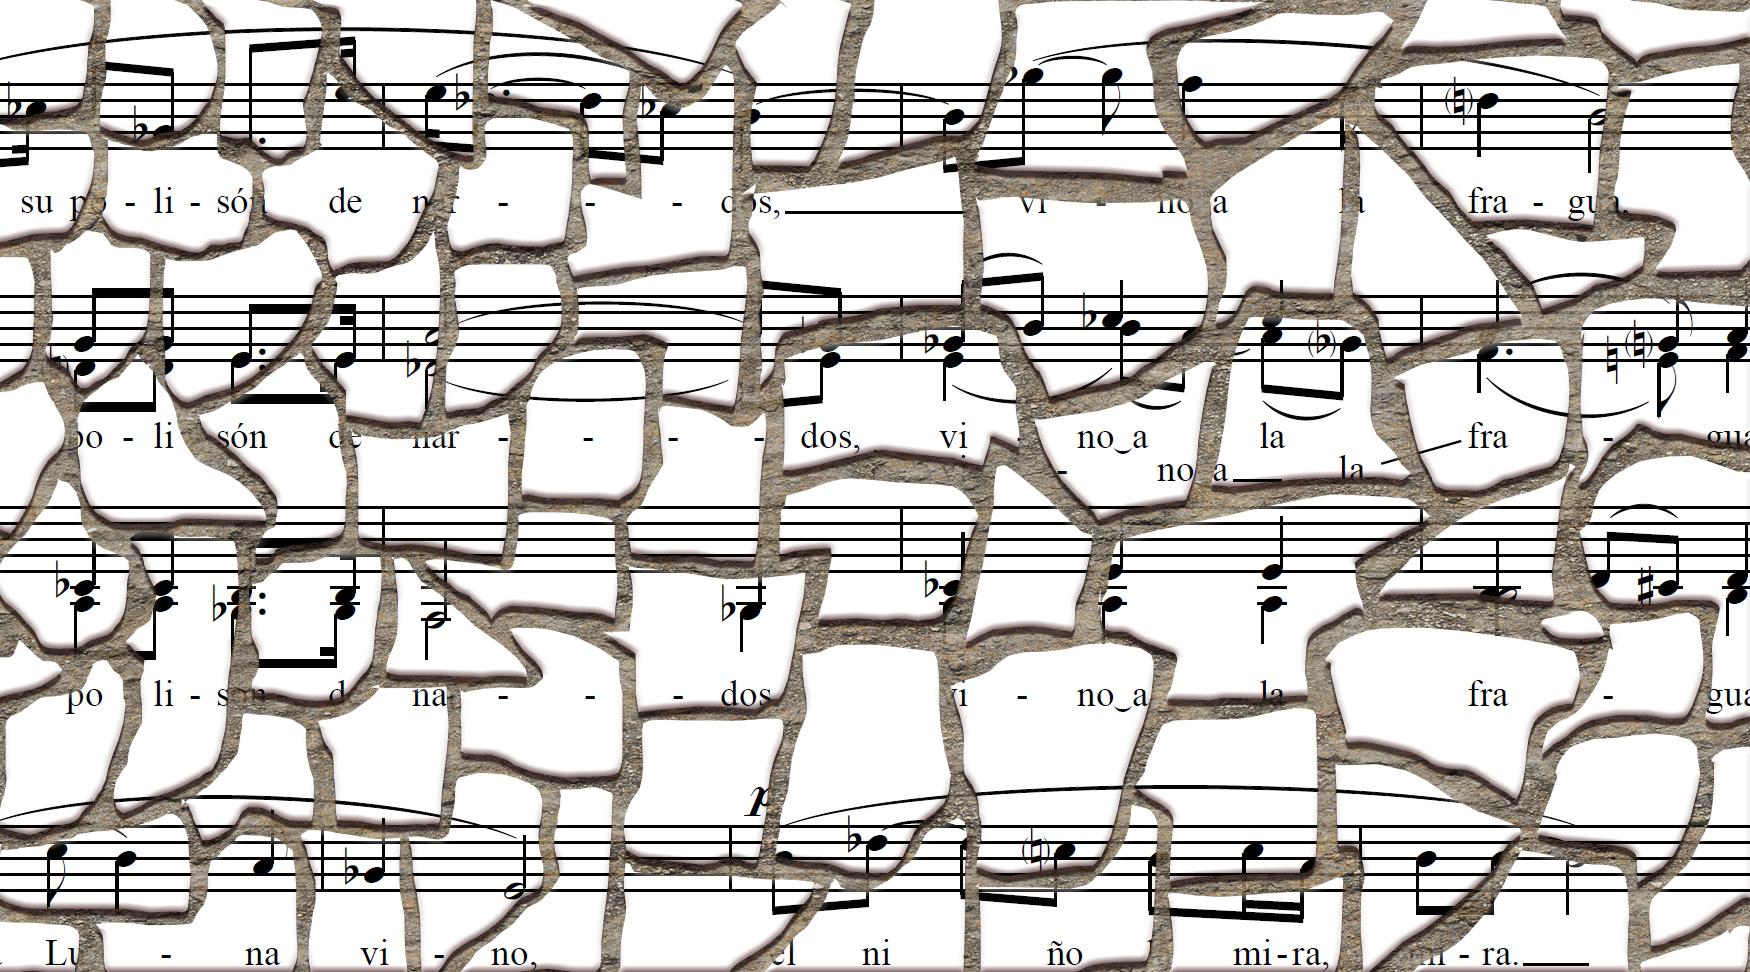 Mosaico de música